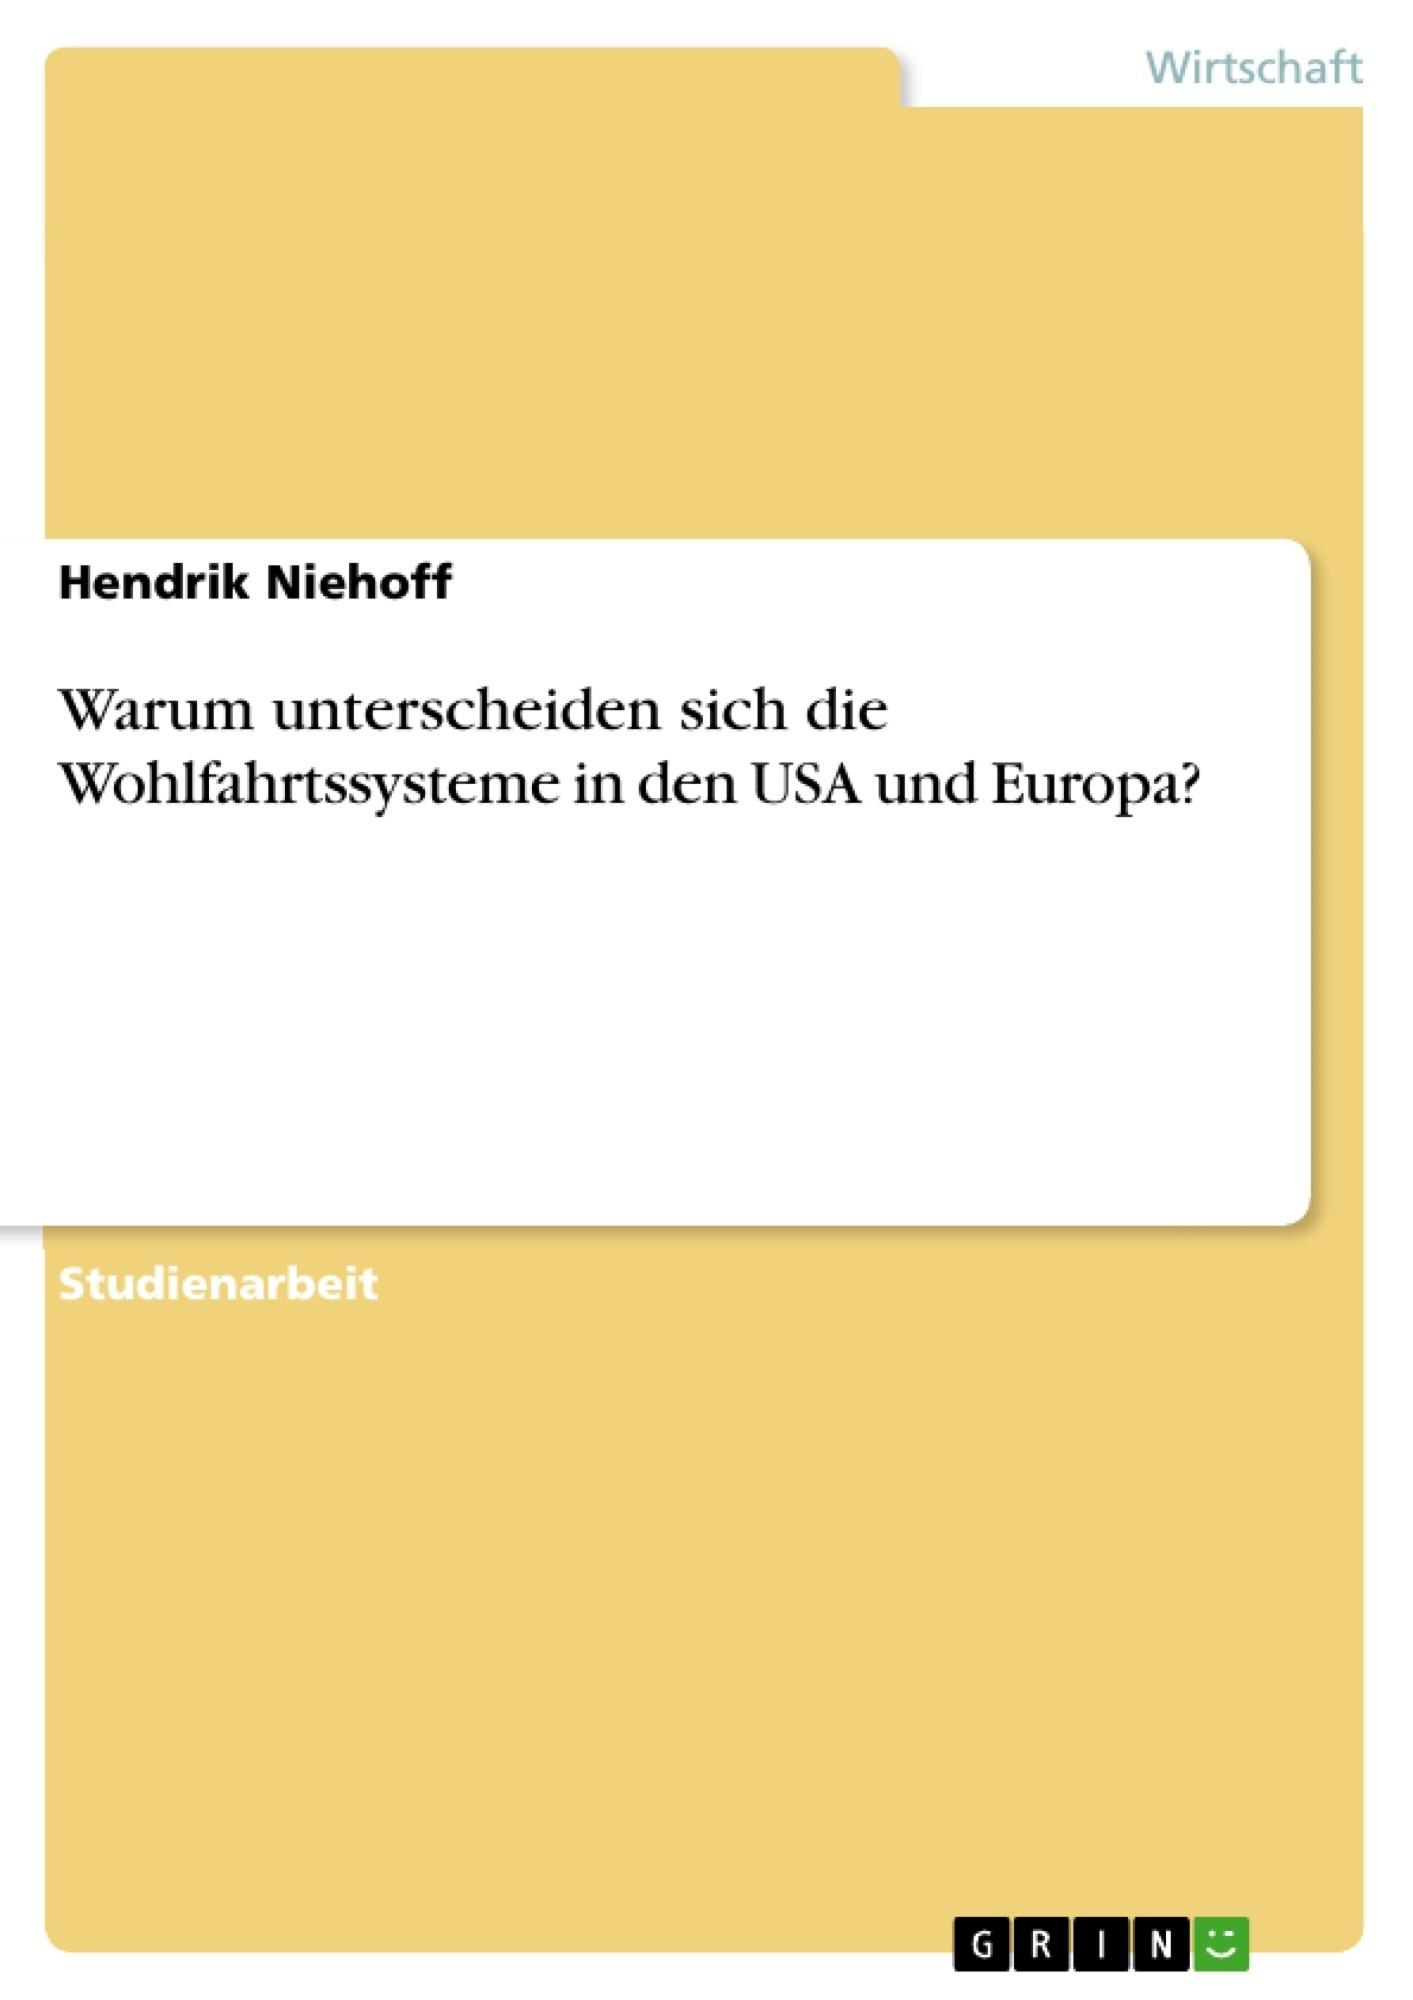 Titel: Warum unterscheiden sich die Wohlfahrtssysteme in den USA und Europa?